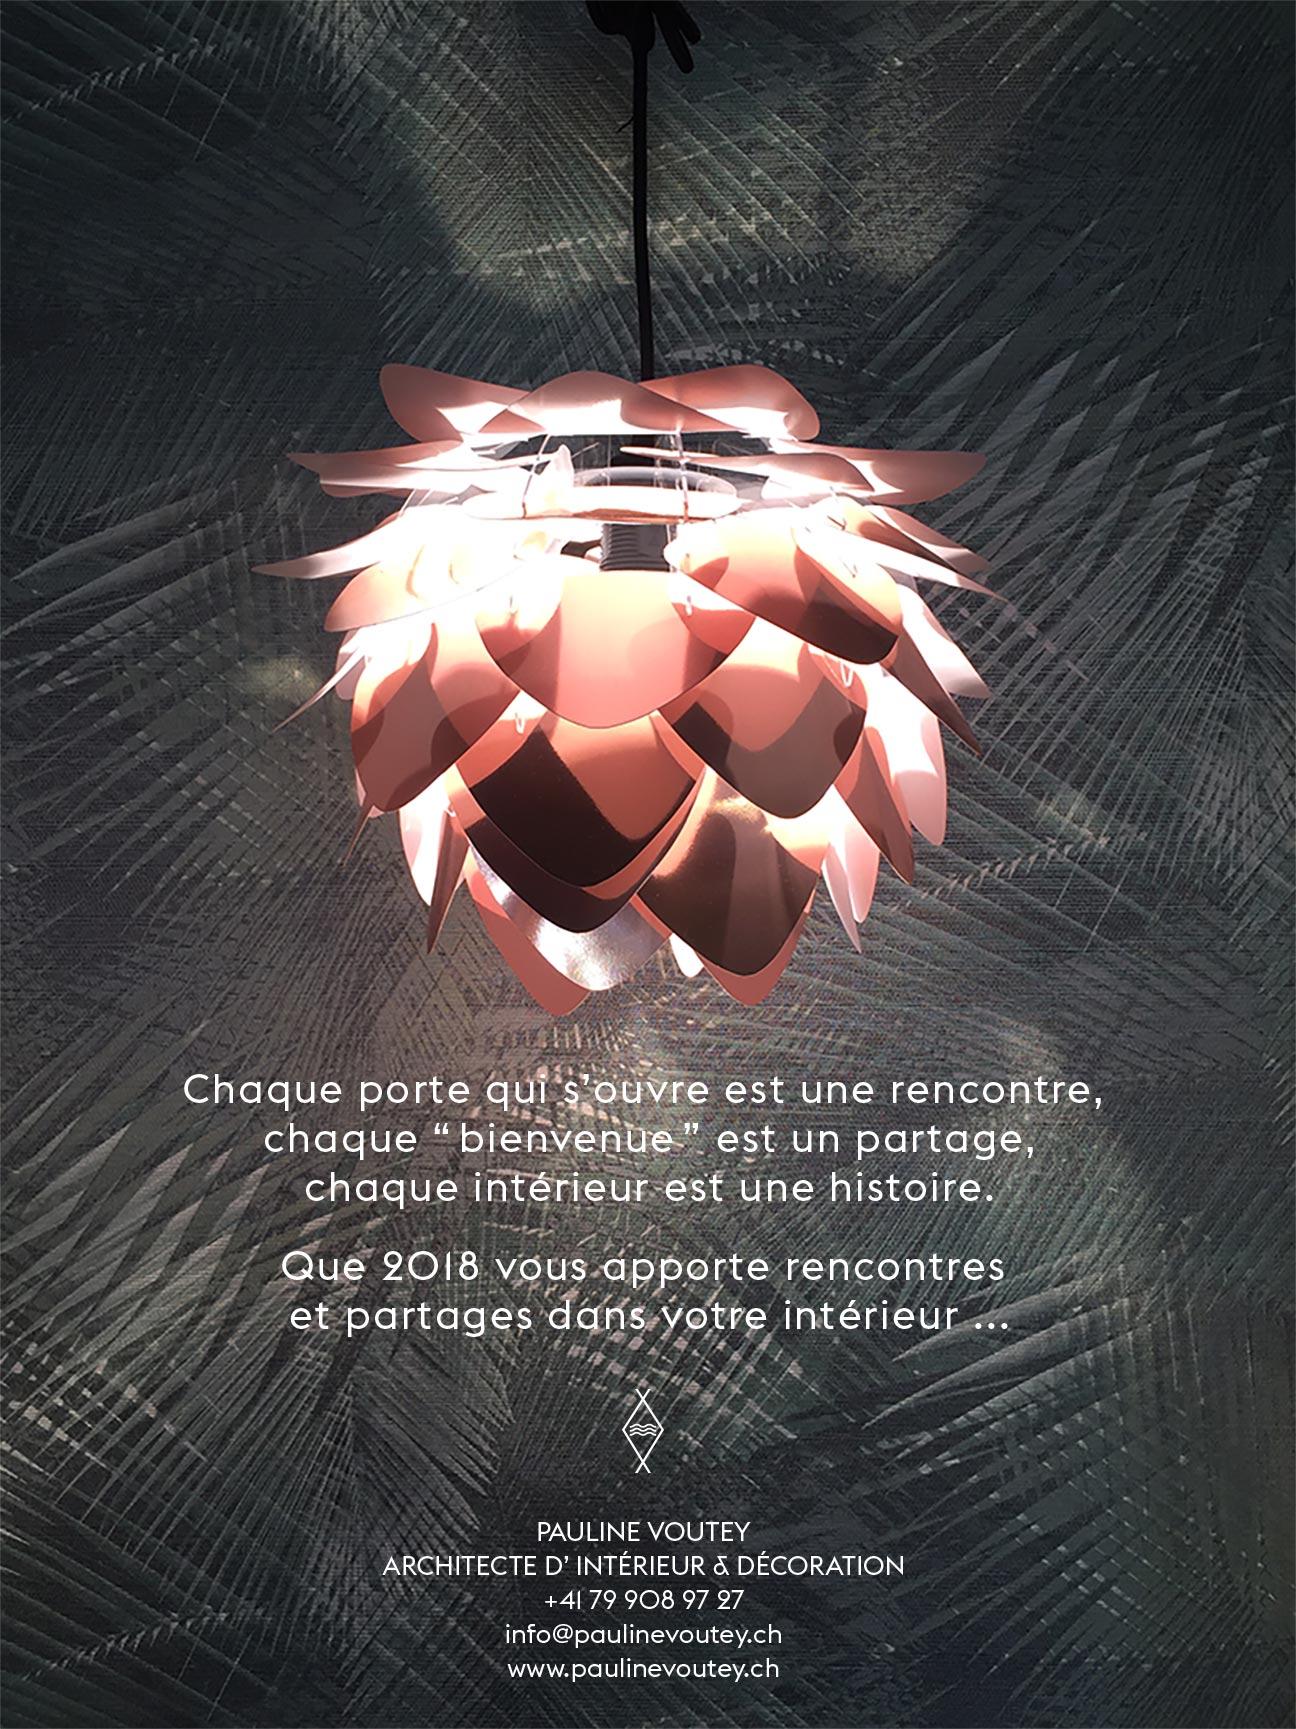 fabiencuffel_agence_communication_photographie_edition_graphisme_geneve_Paris_Pauline-Voutey-interieur_voeux